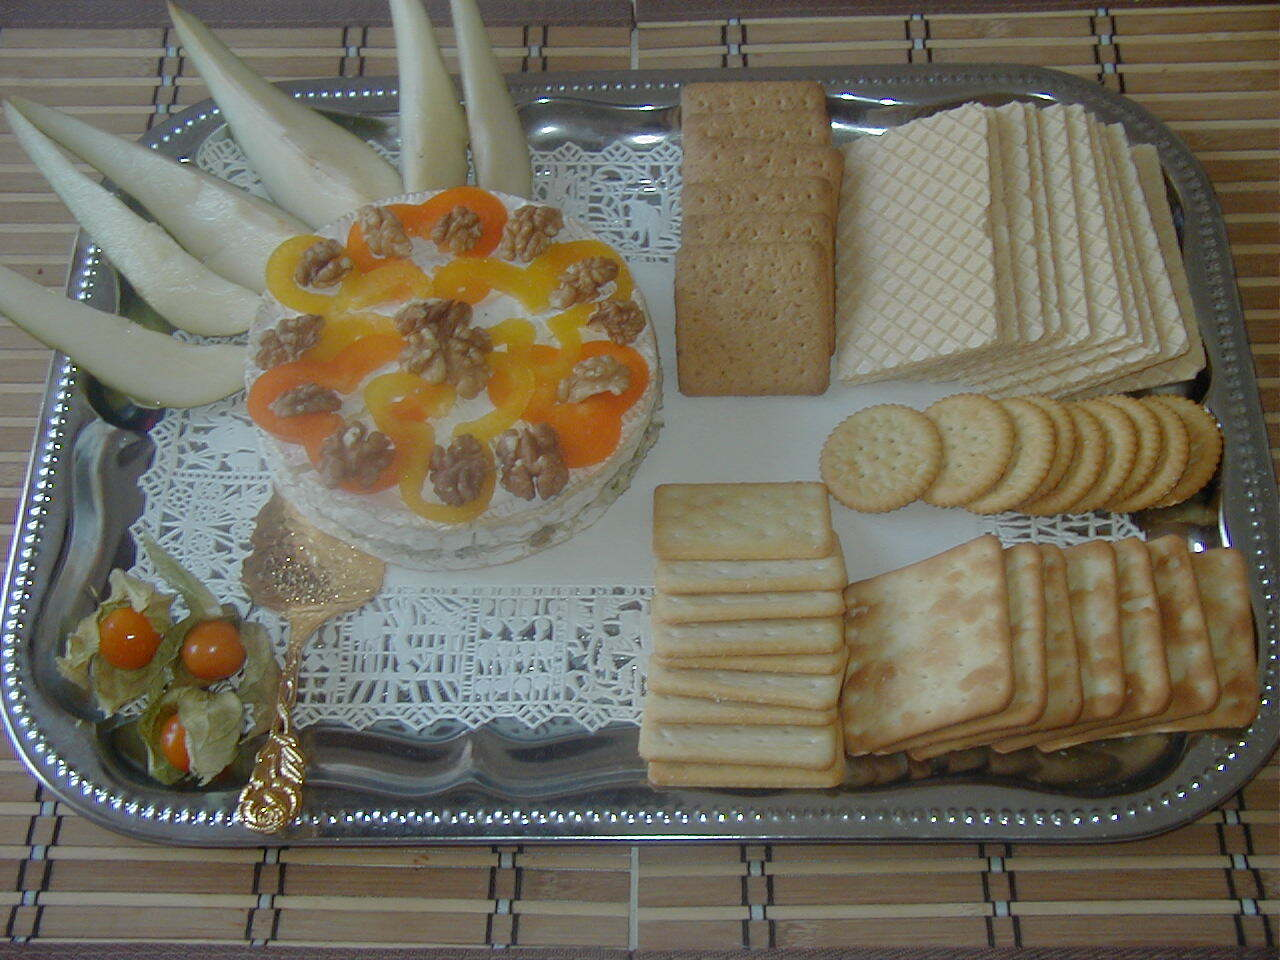 Brietårta med gorgonzola och konjak